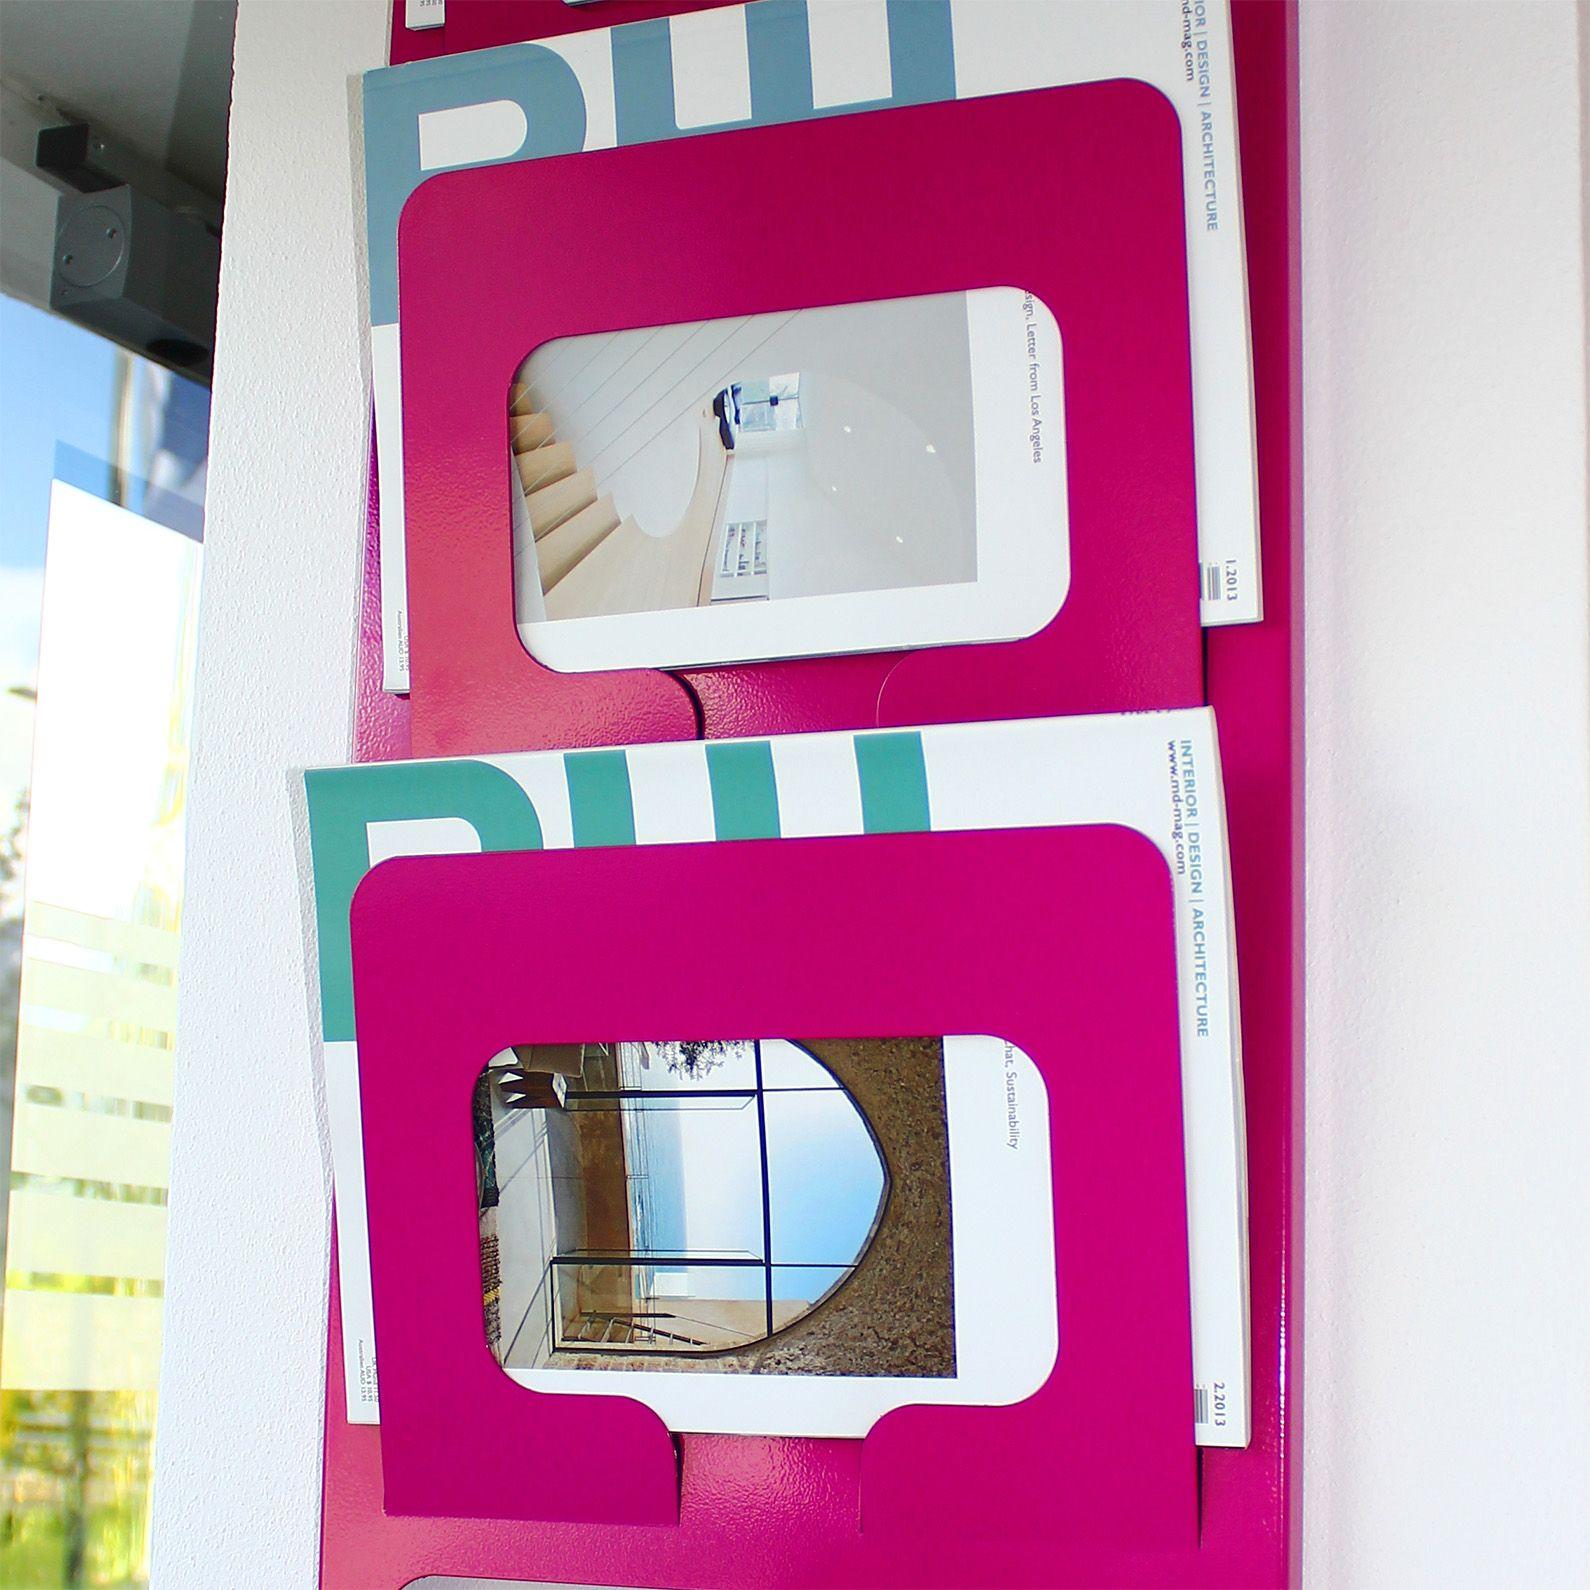 design zeitschriftenhalter aus metall f r die wand purpur prospektst nder pinterest. Black Bedroom Furniture Sets. Home Design Ideas